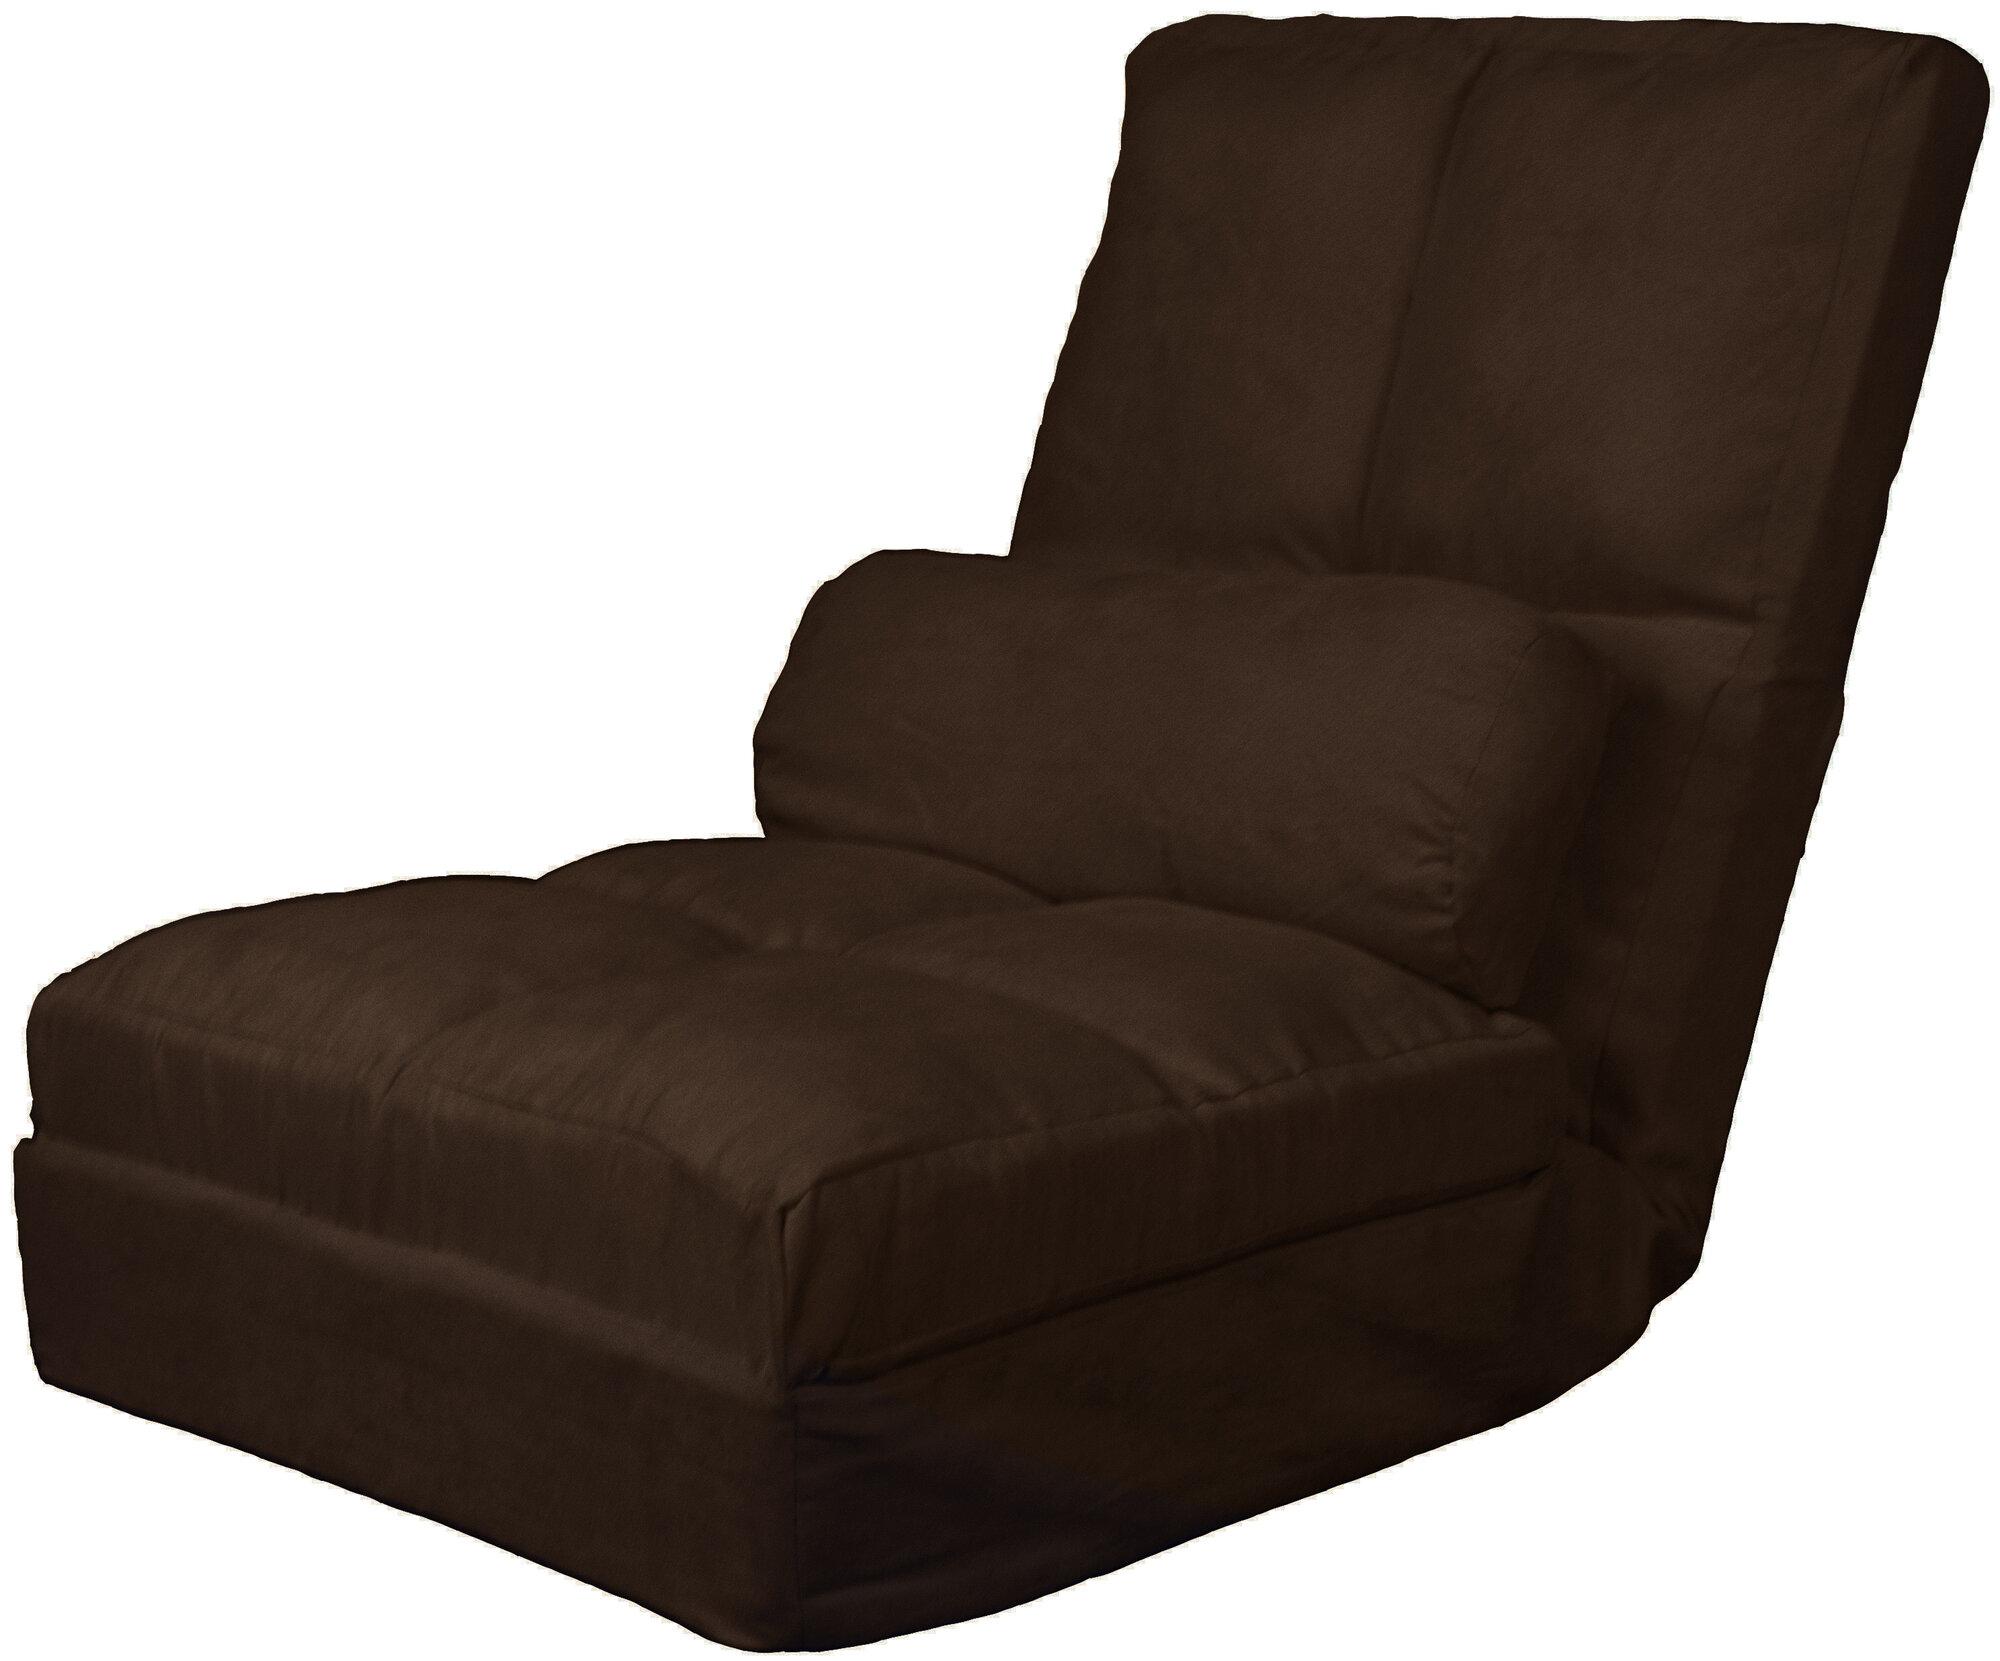 Ebern Designs Batres Futon Chair